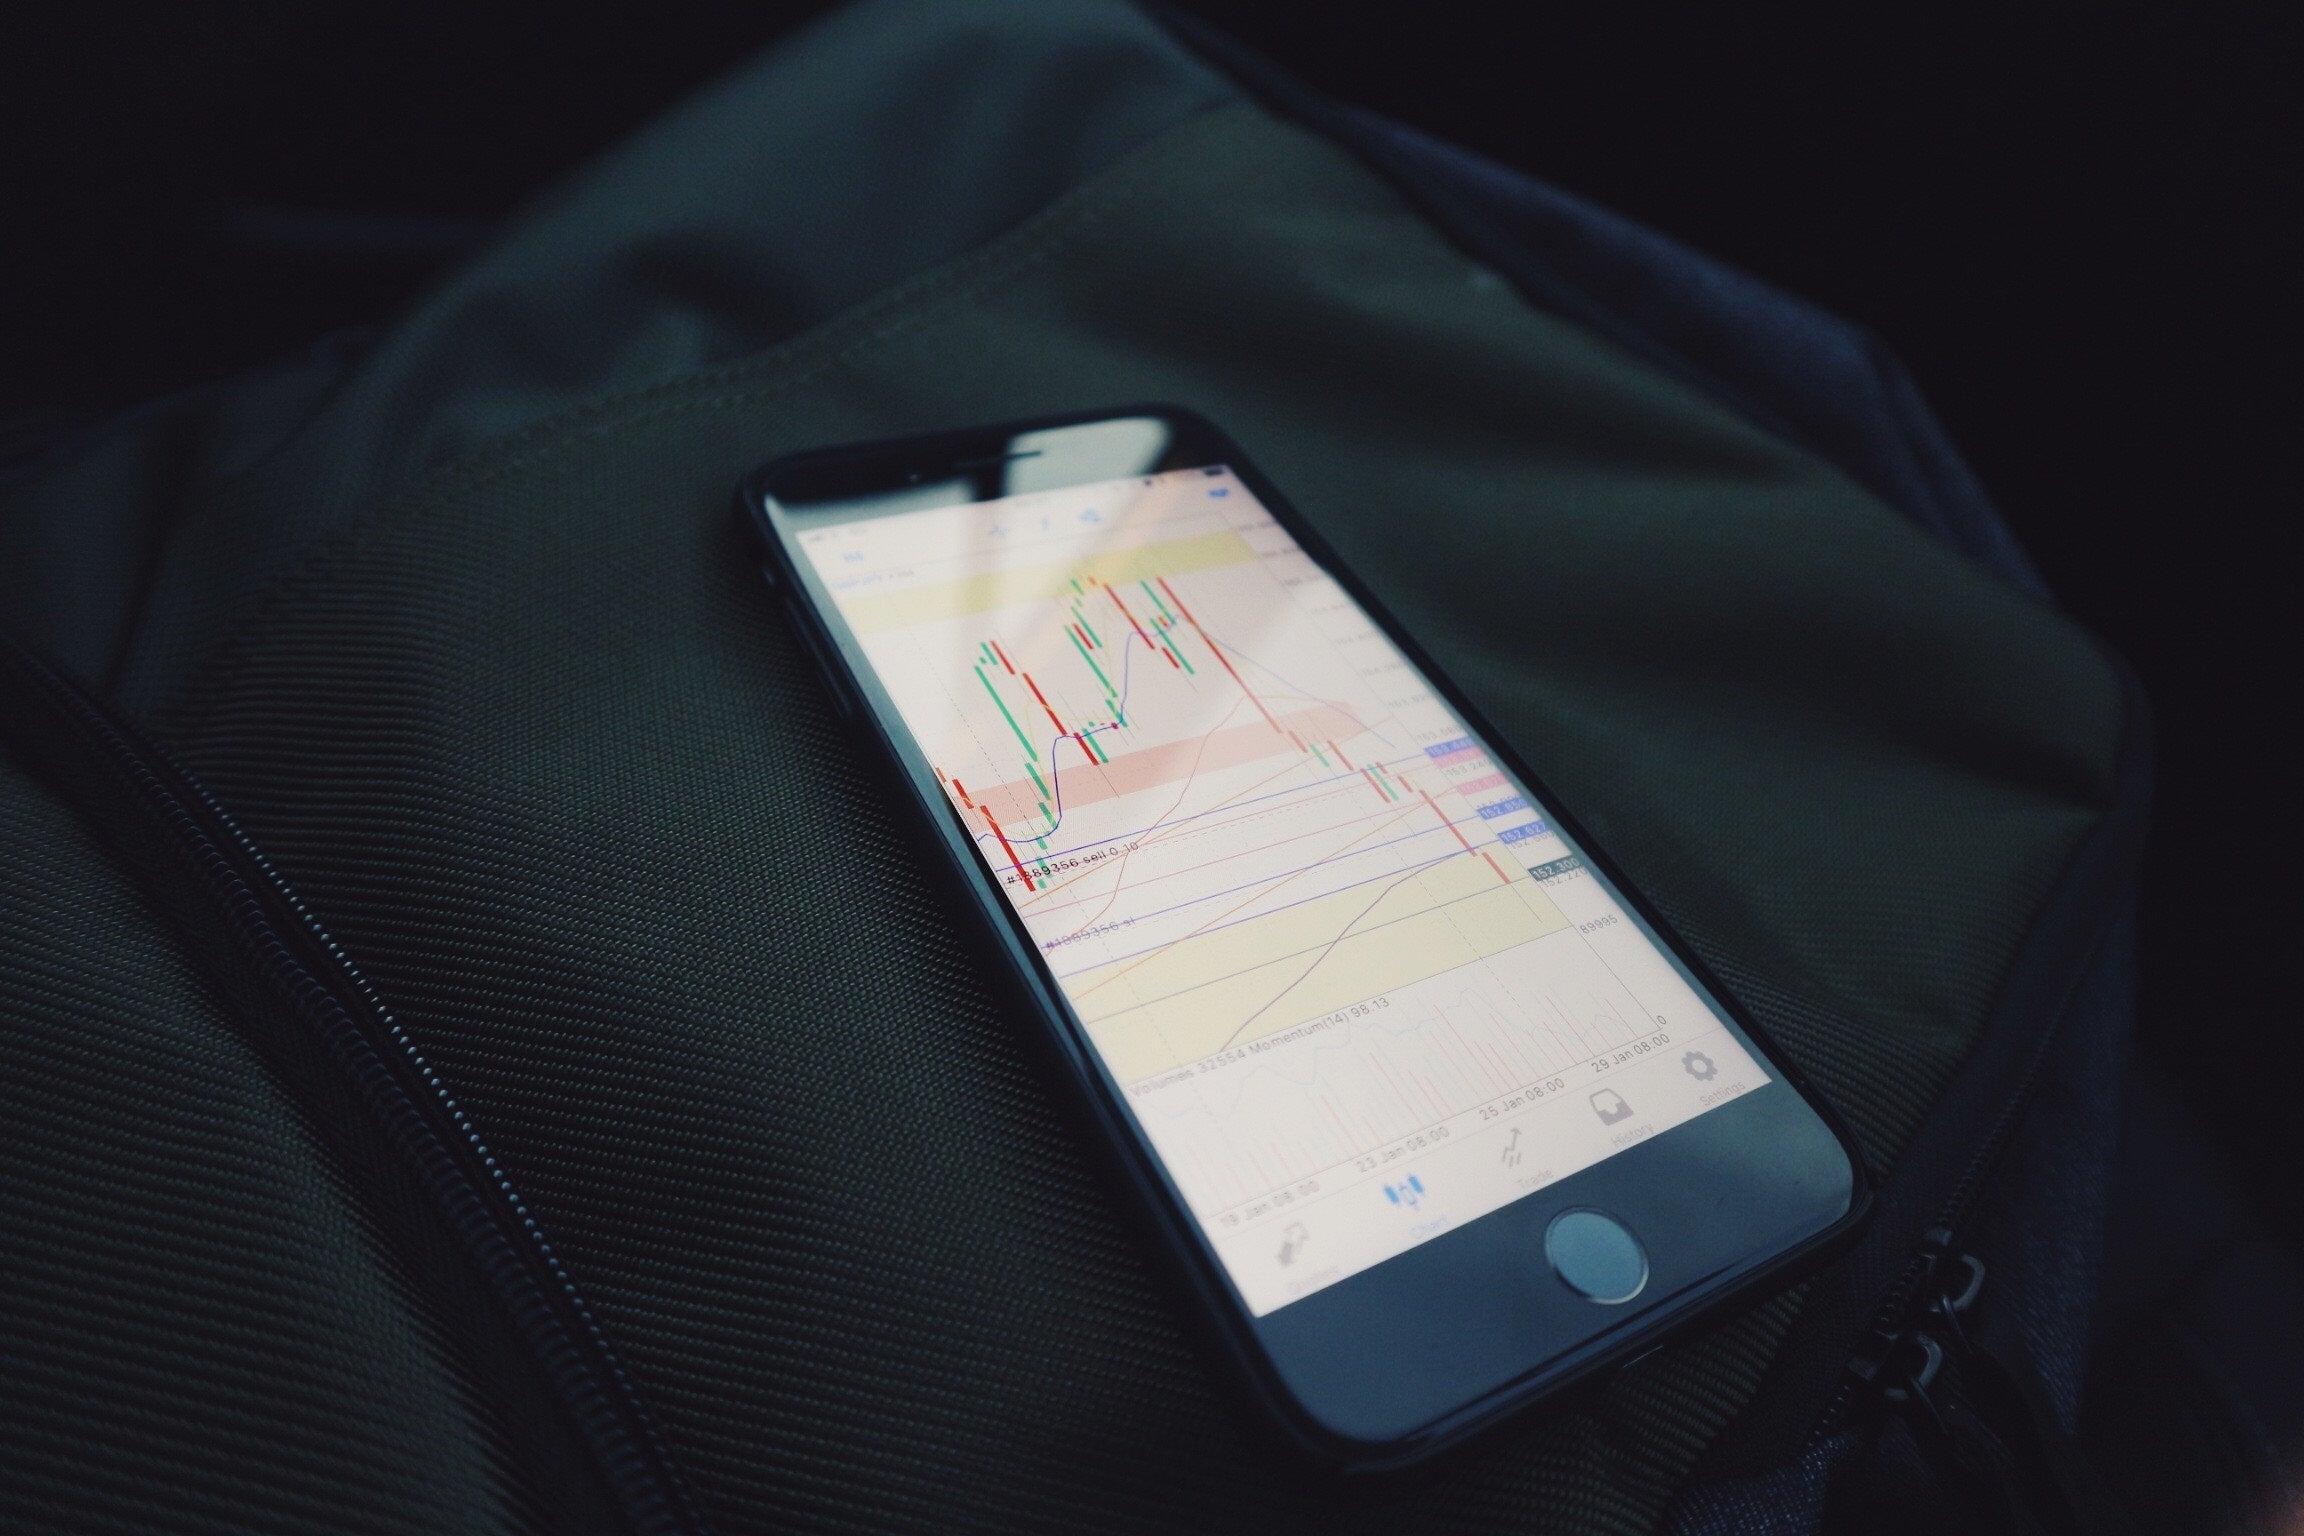 In welche kryptowährung soll ich investieren?